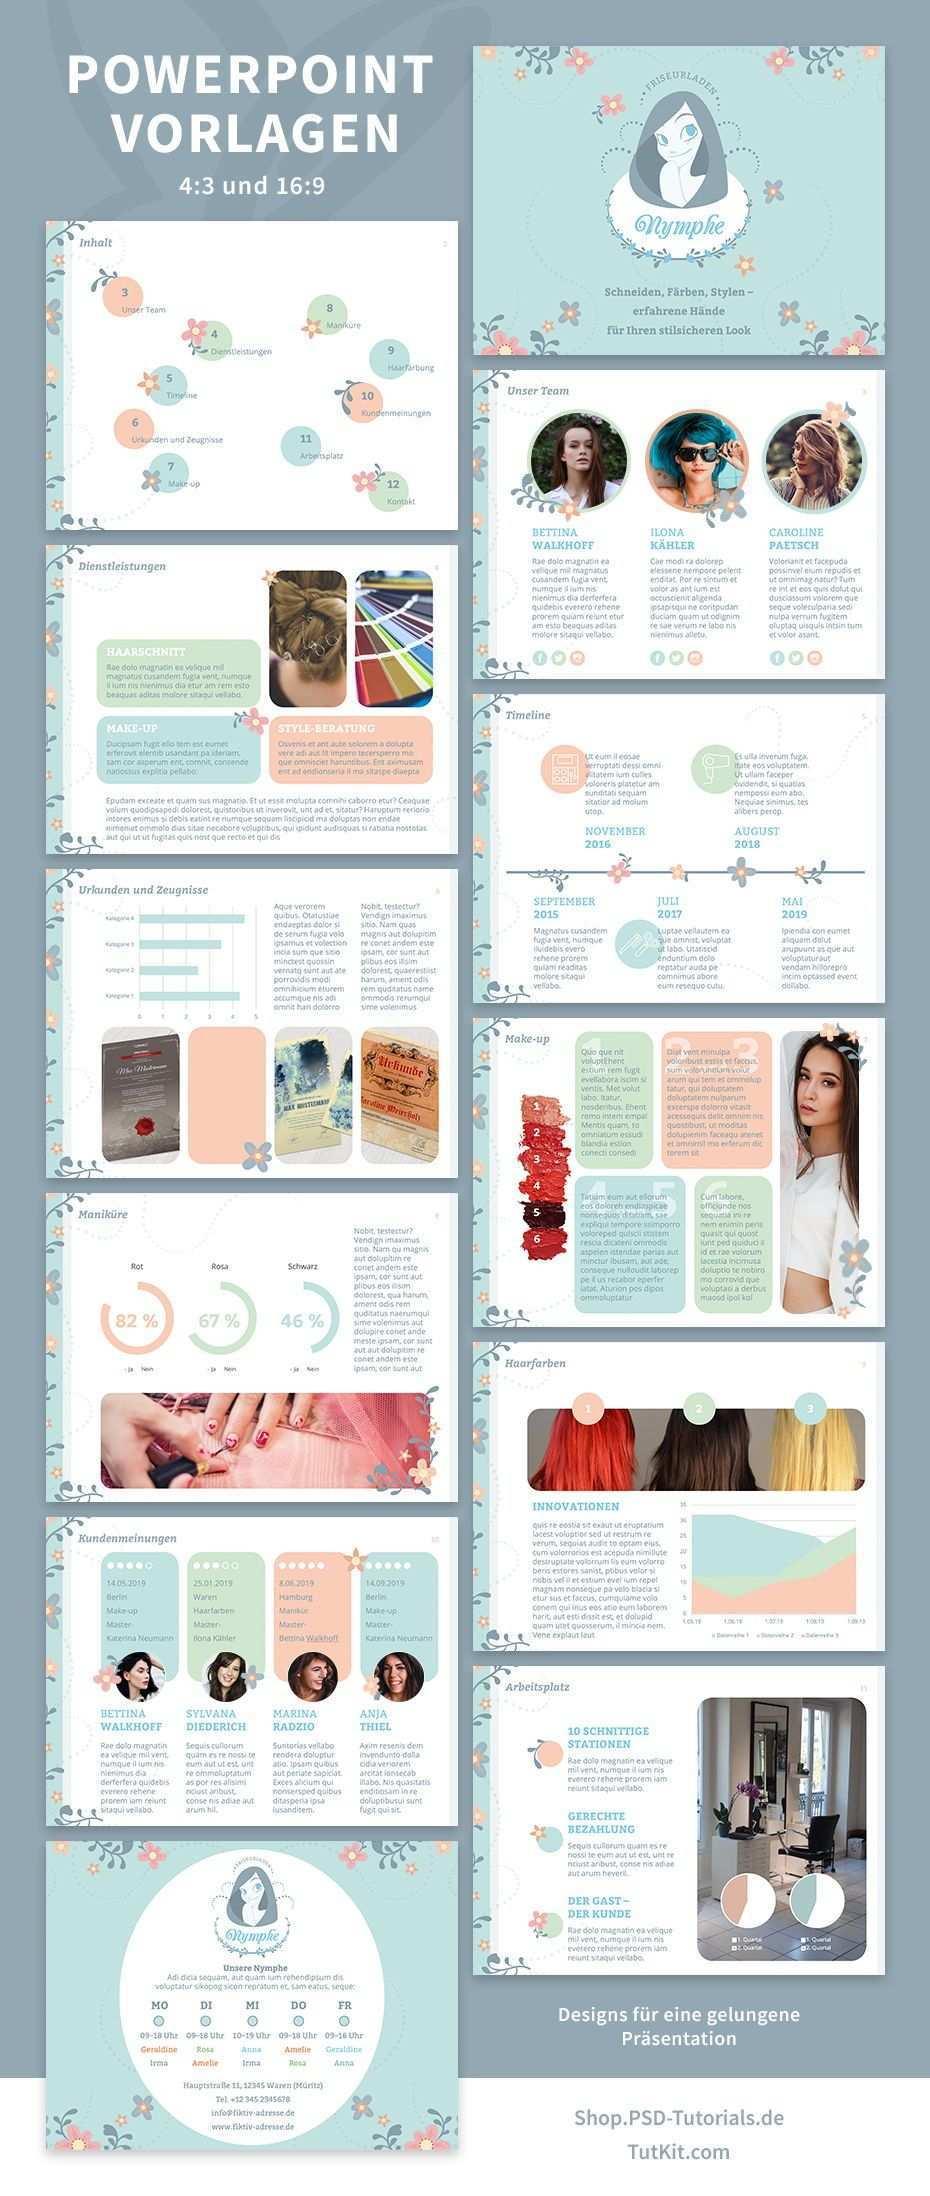 Professionelle Powerpoint Vorlagen Fertige Designs Zur Prasentation Powerpoint Prasentation Tipps Powerpoint Vorlagen Power Point